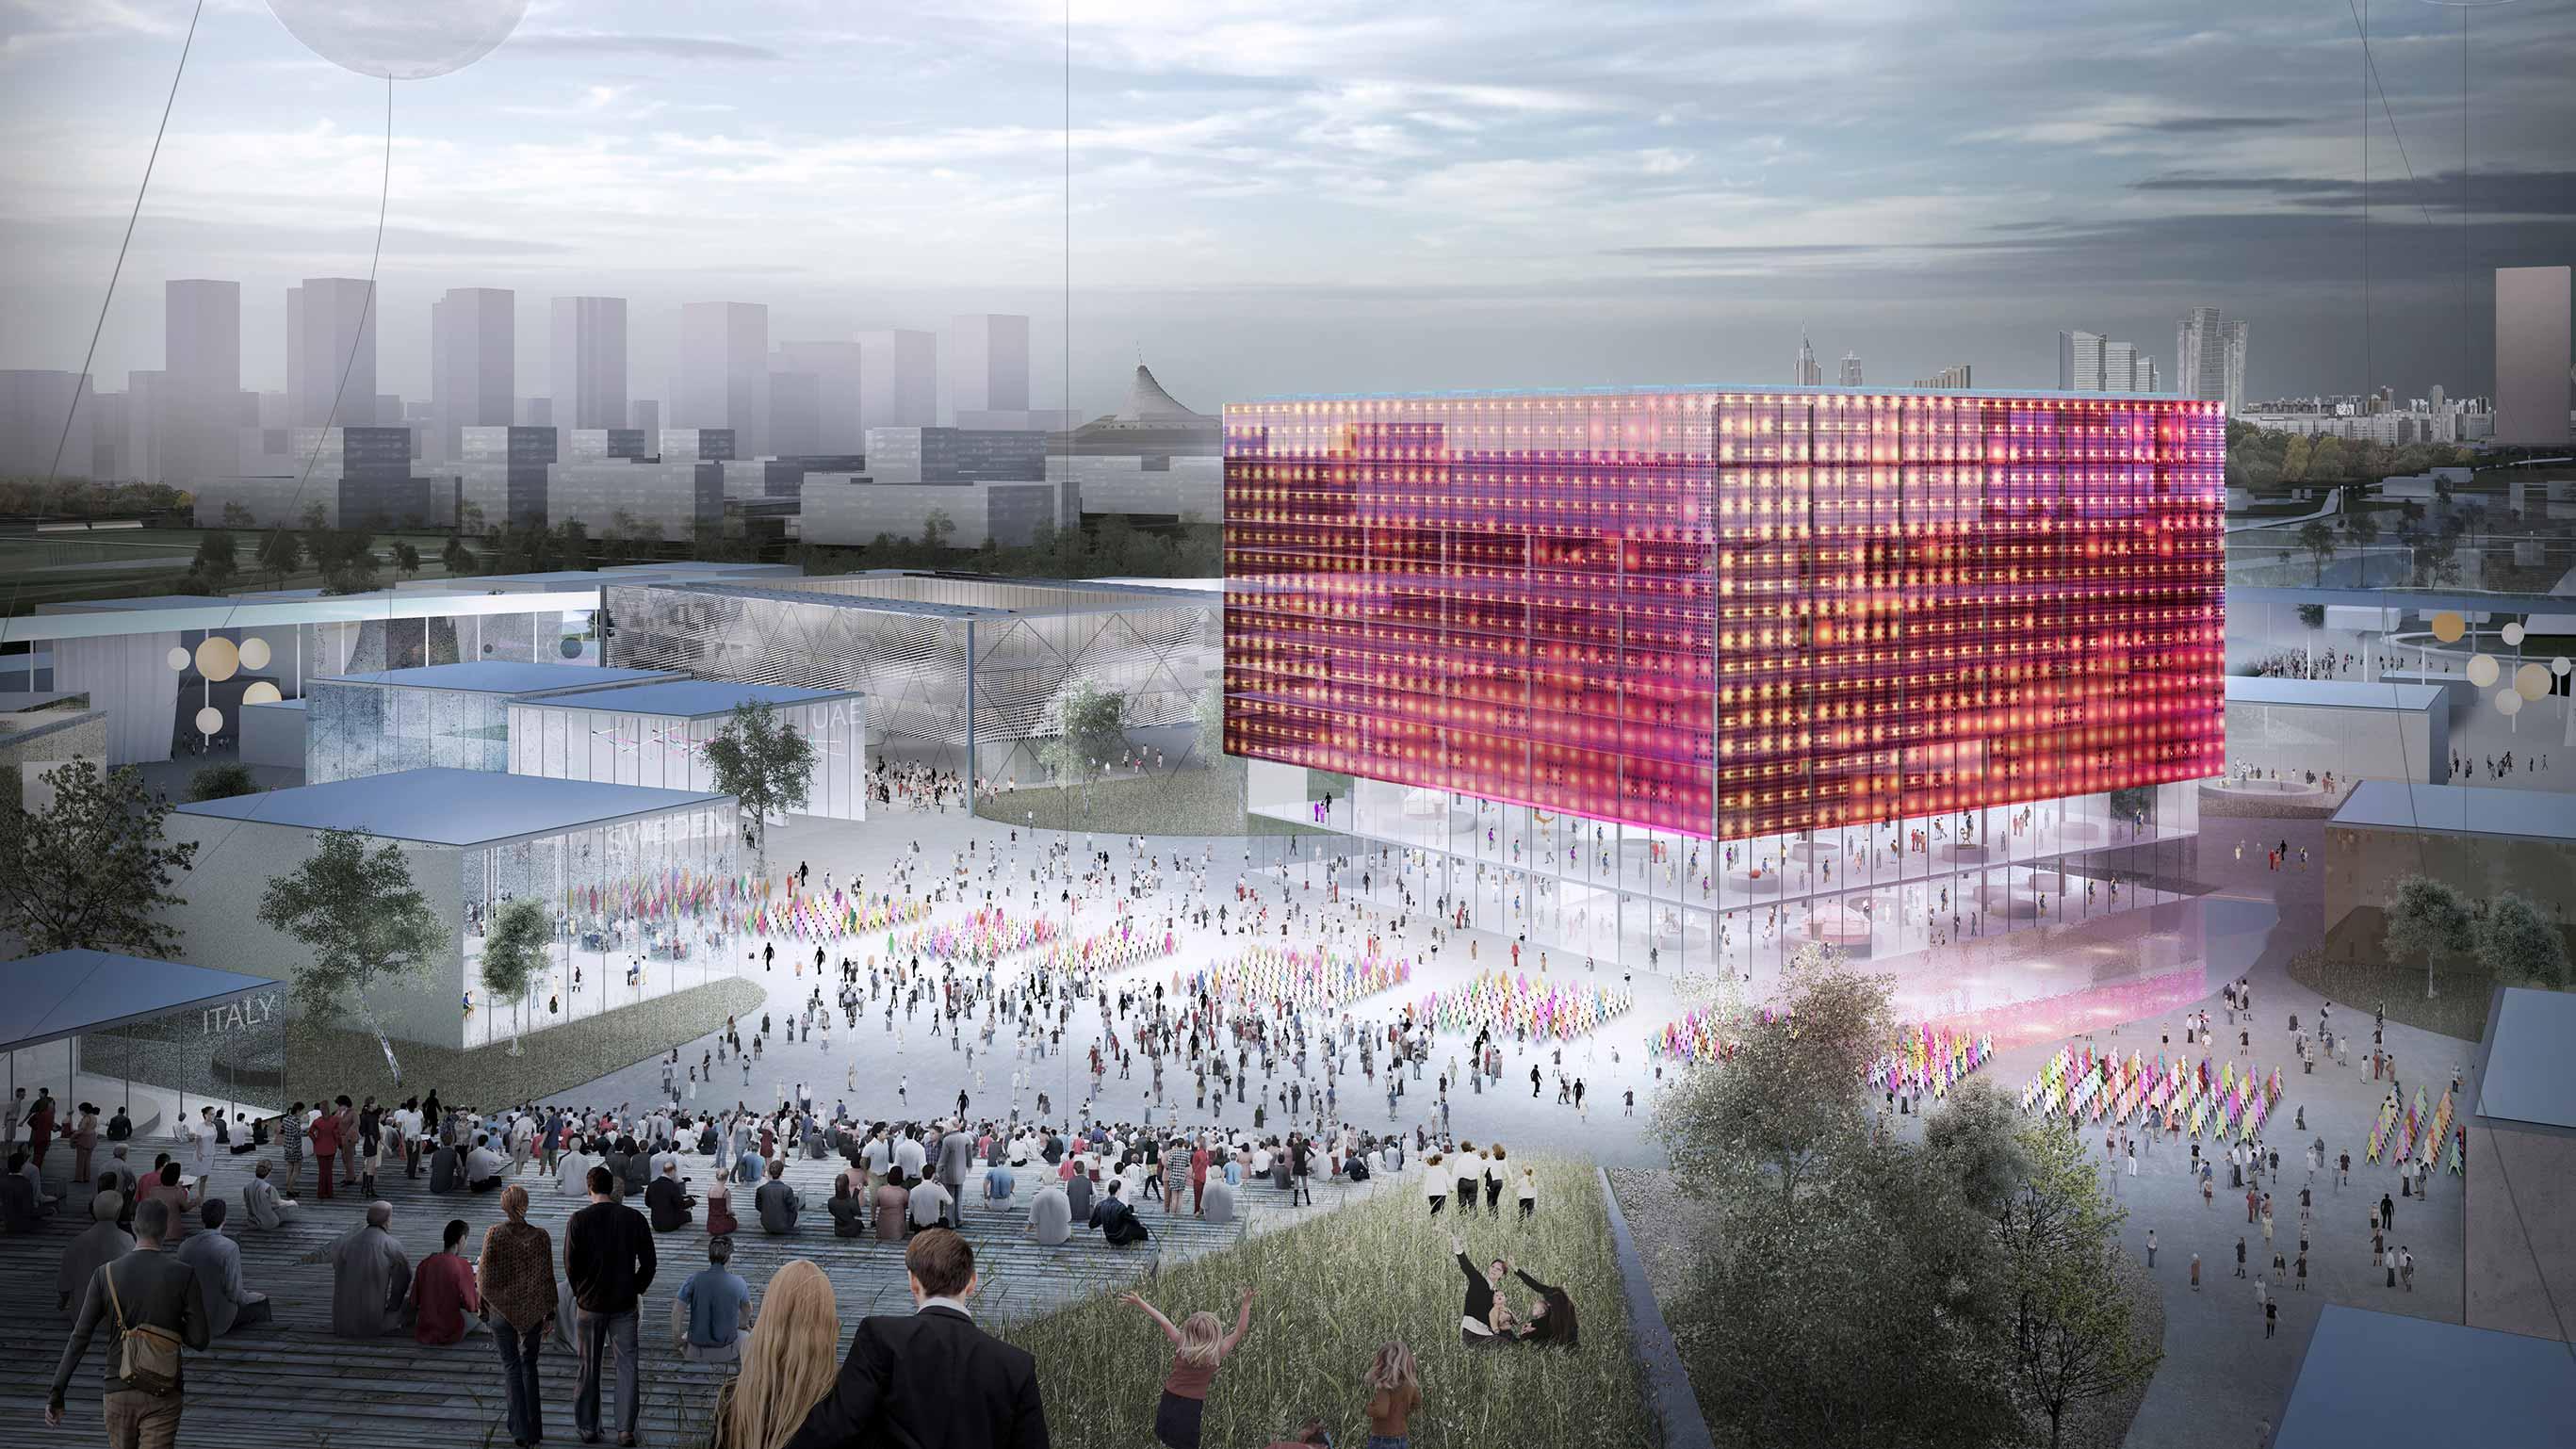 Astana Expo 2017